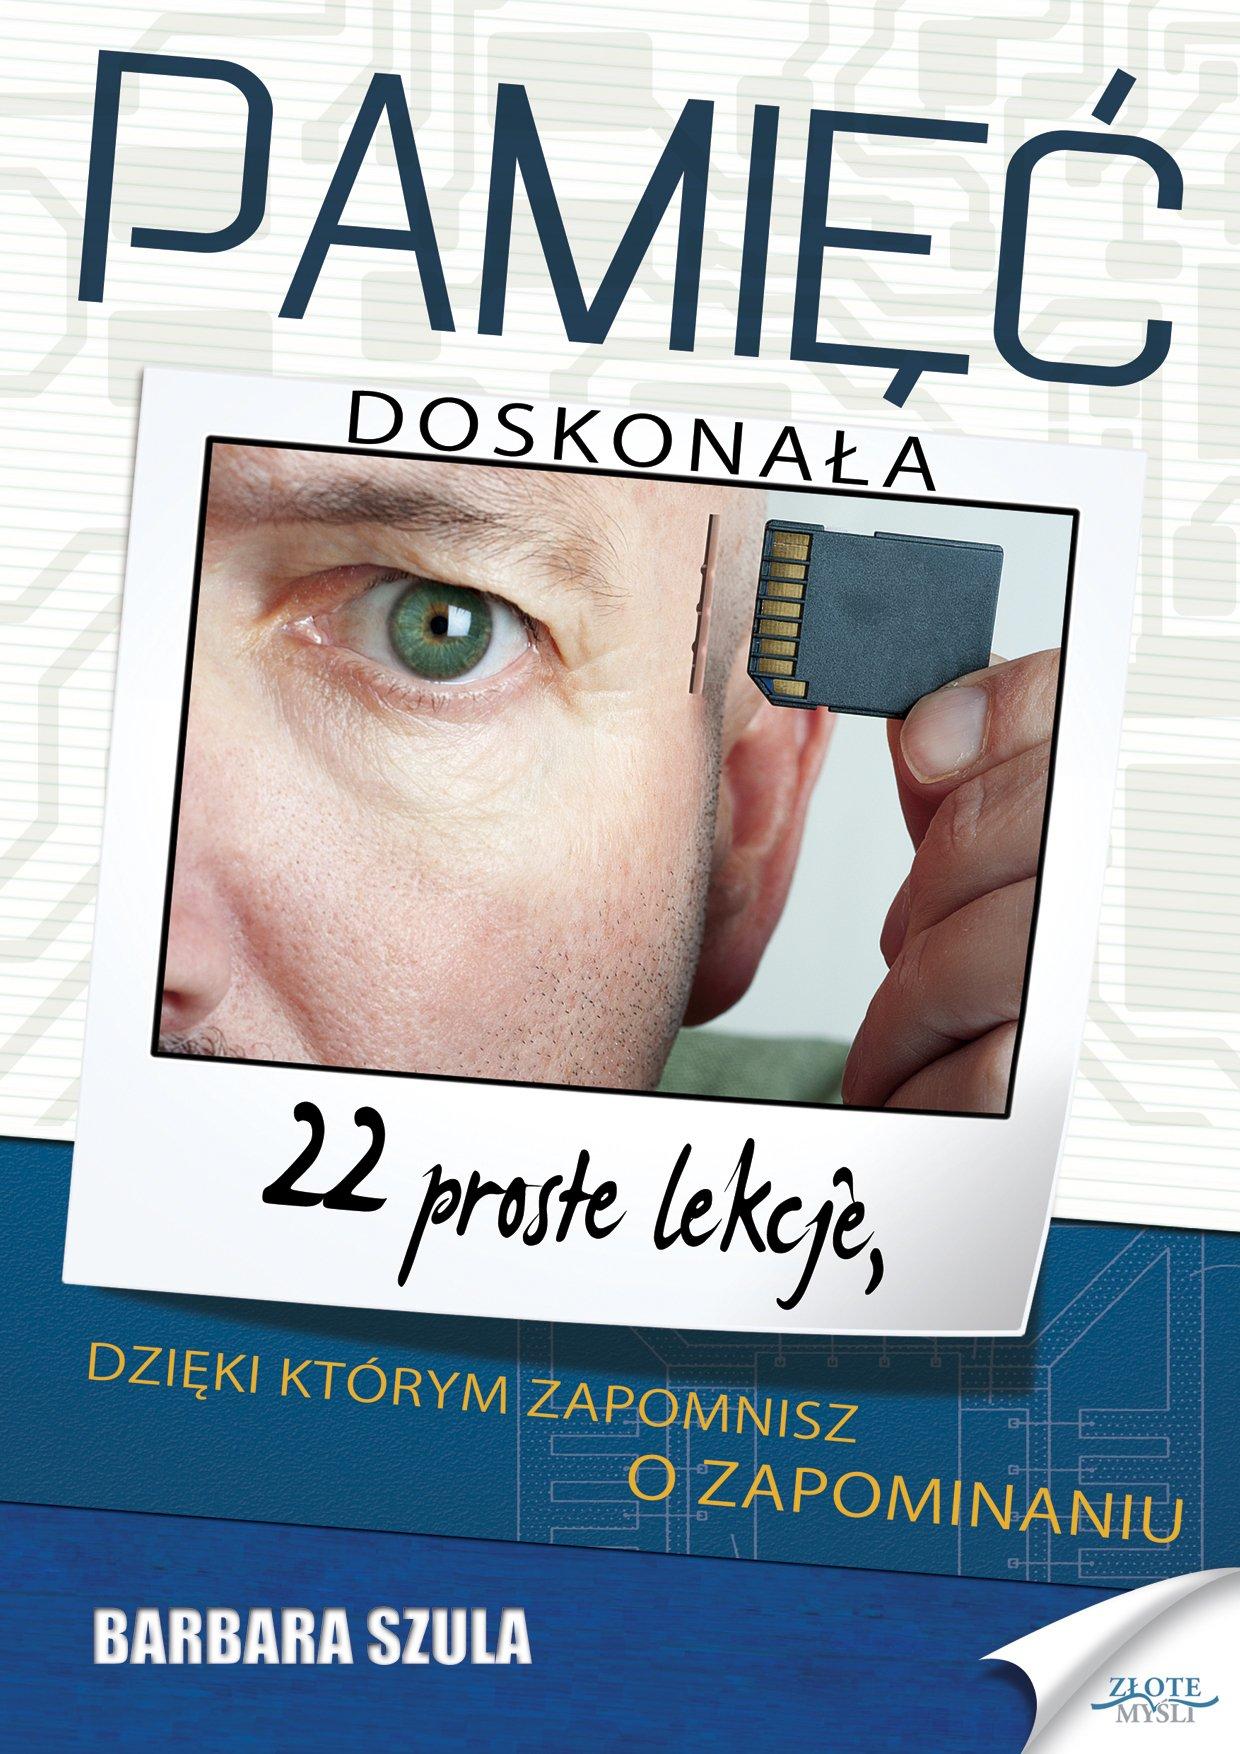 Pamięć doskonała - Ebook (Książka PDF) do pobrania w formacie PDF